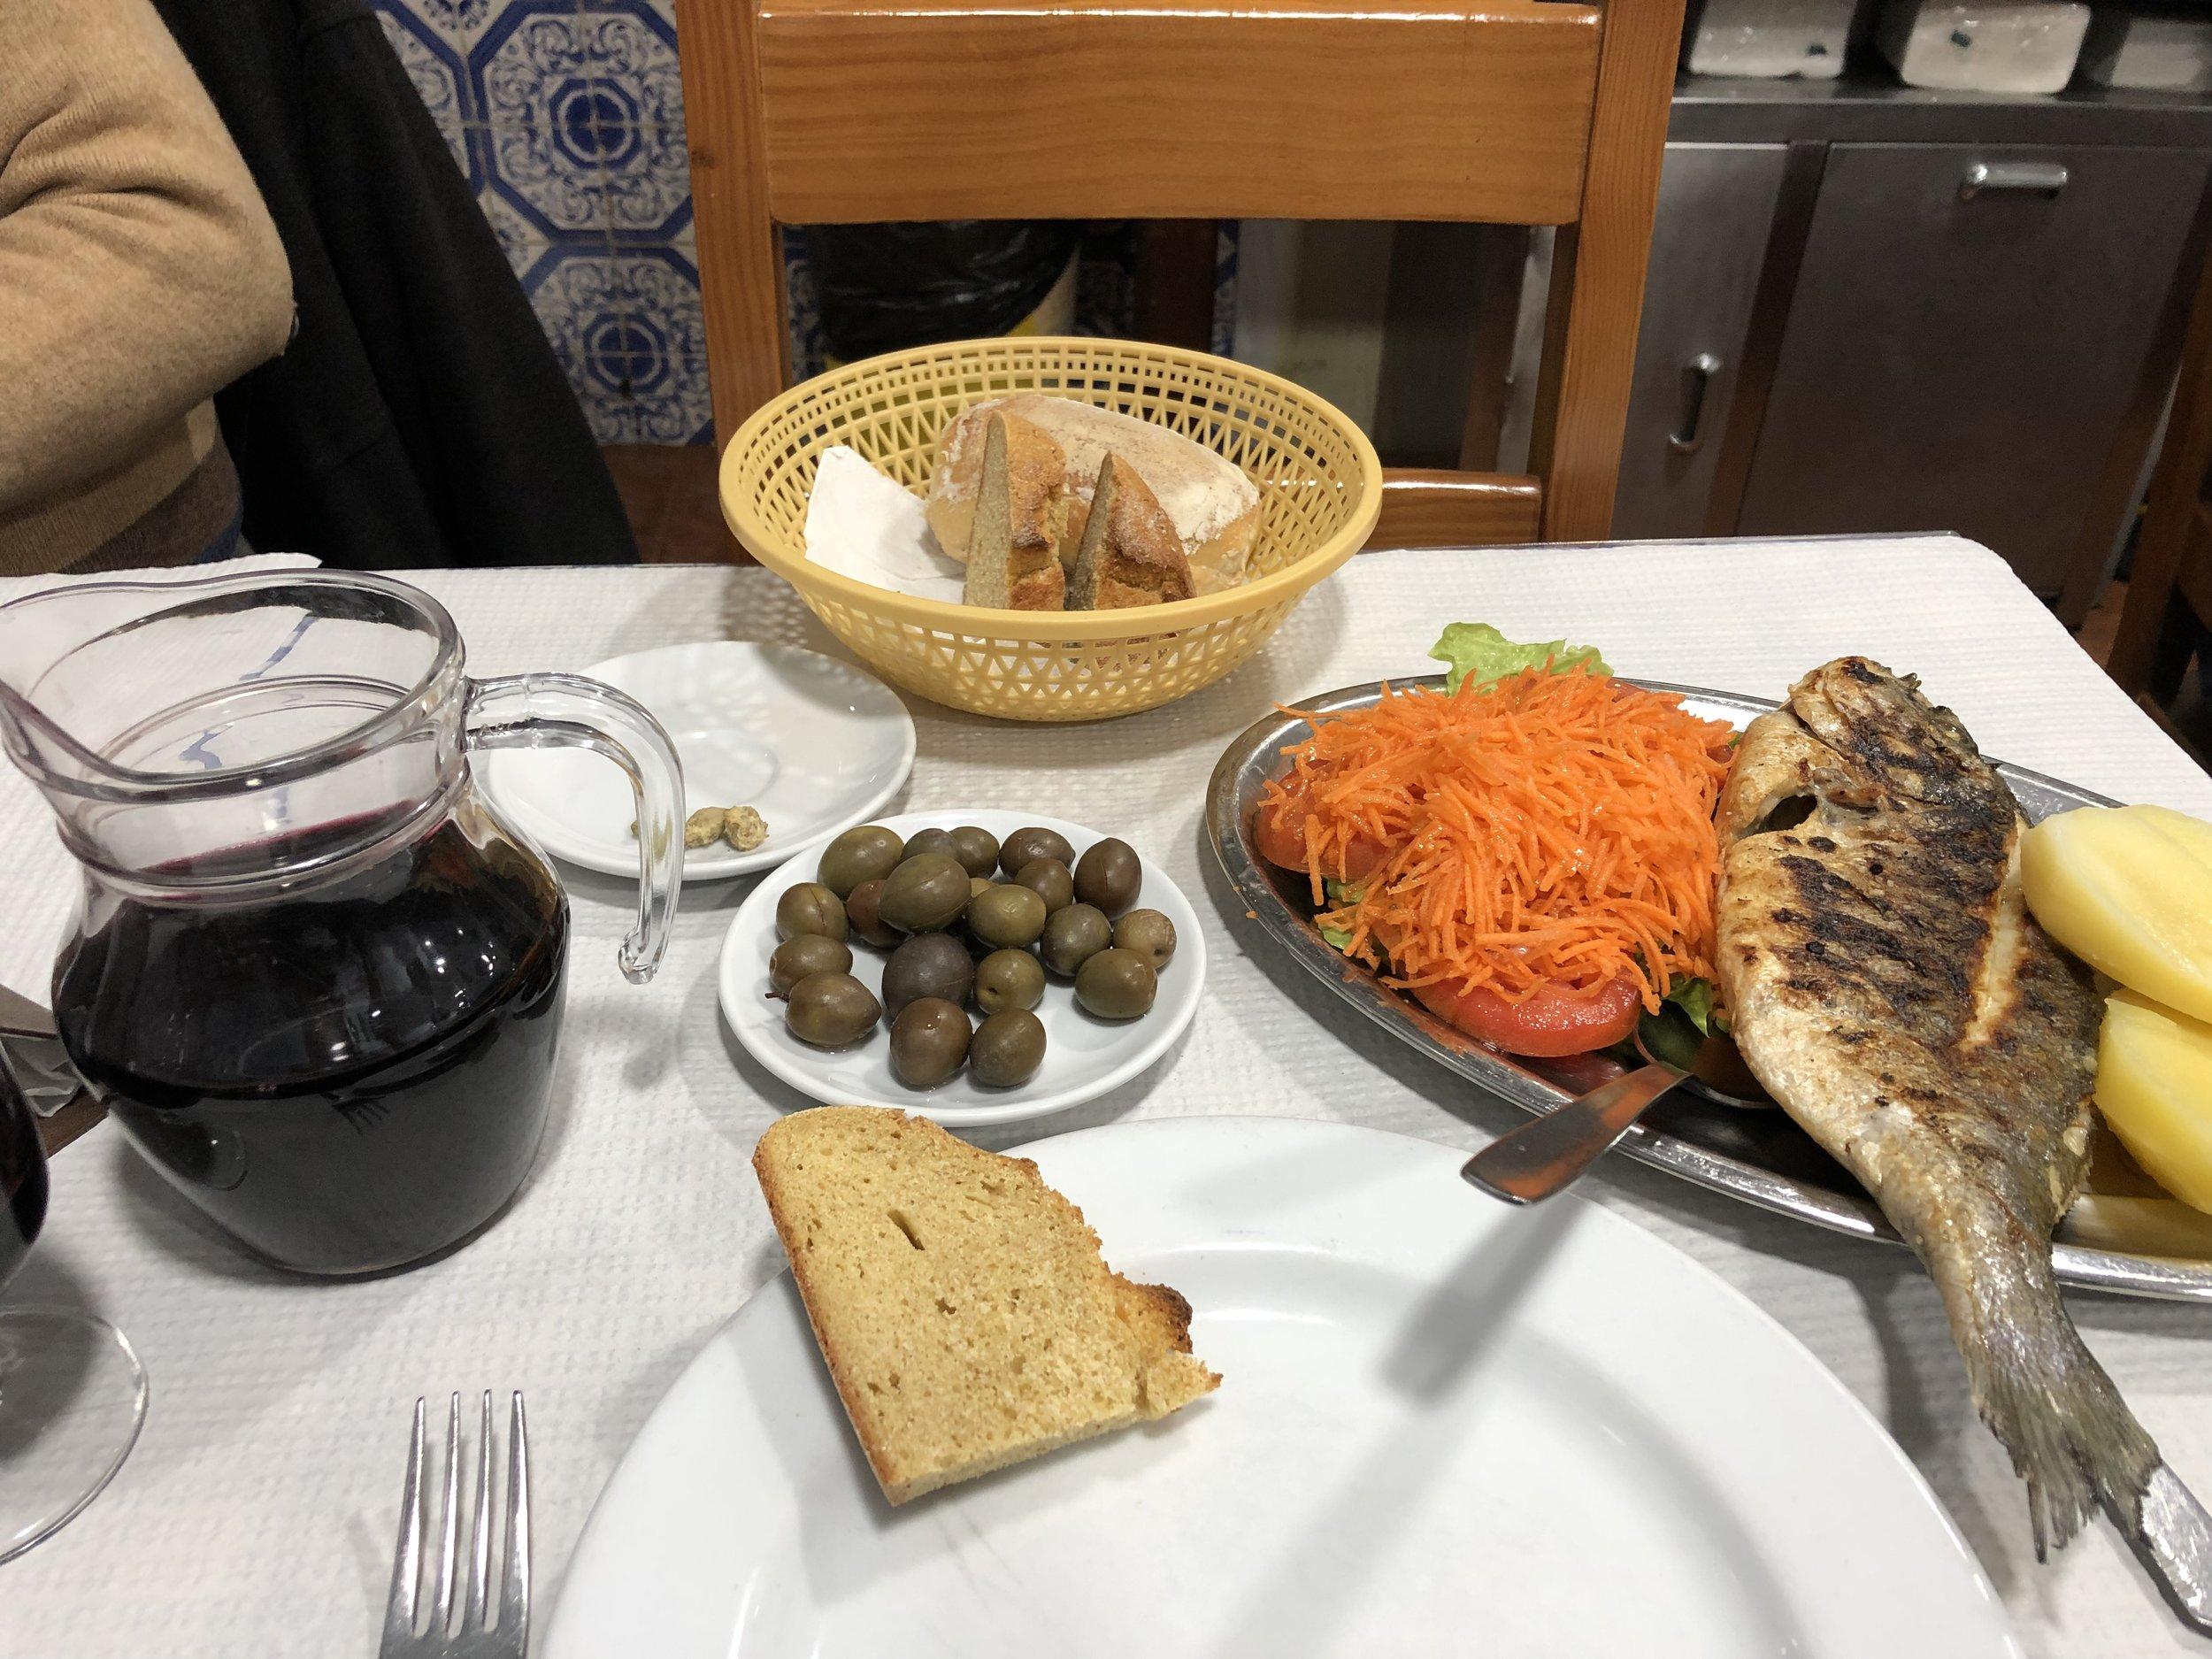 デキャンタワインと焼き魚。11€ 美味しいけど やっぱり料理のおいしさはダントツでサンセバスチャン。 今回行けなかったけど次はイタリアに行きたい。左のが頼んだワイン。大きさ伝わるかな?!